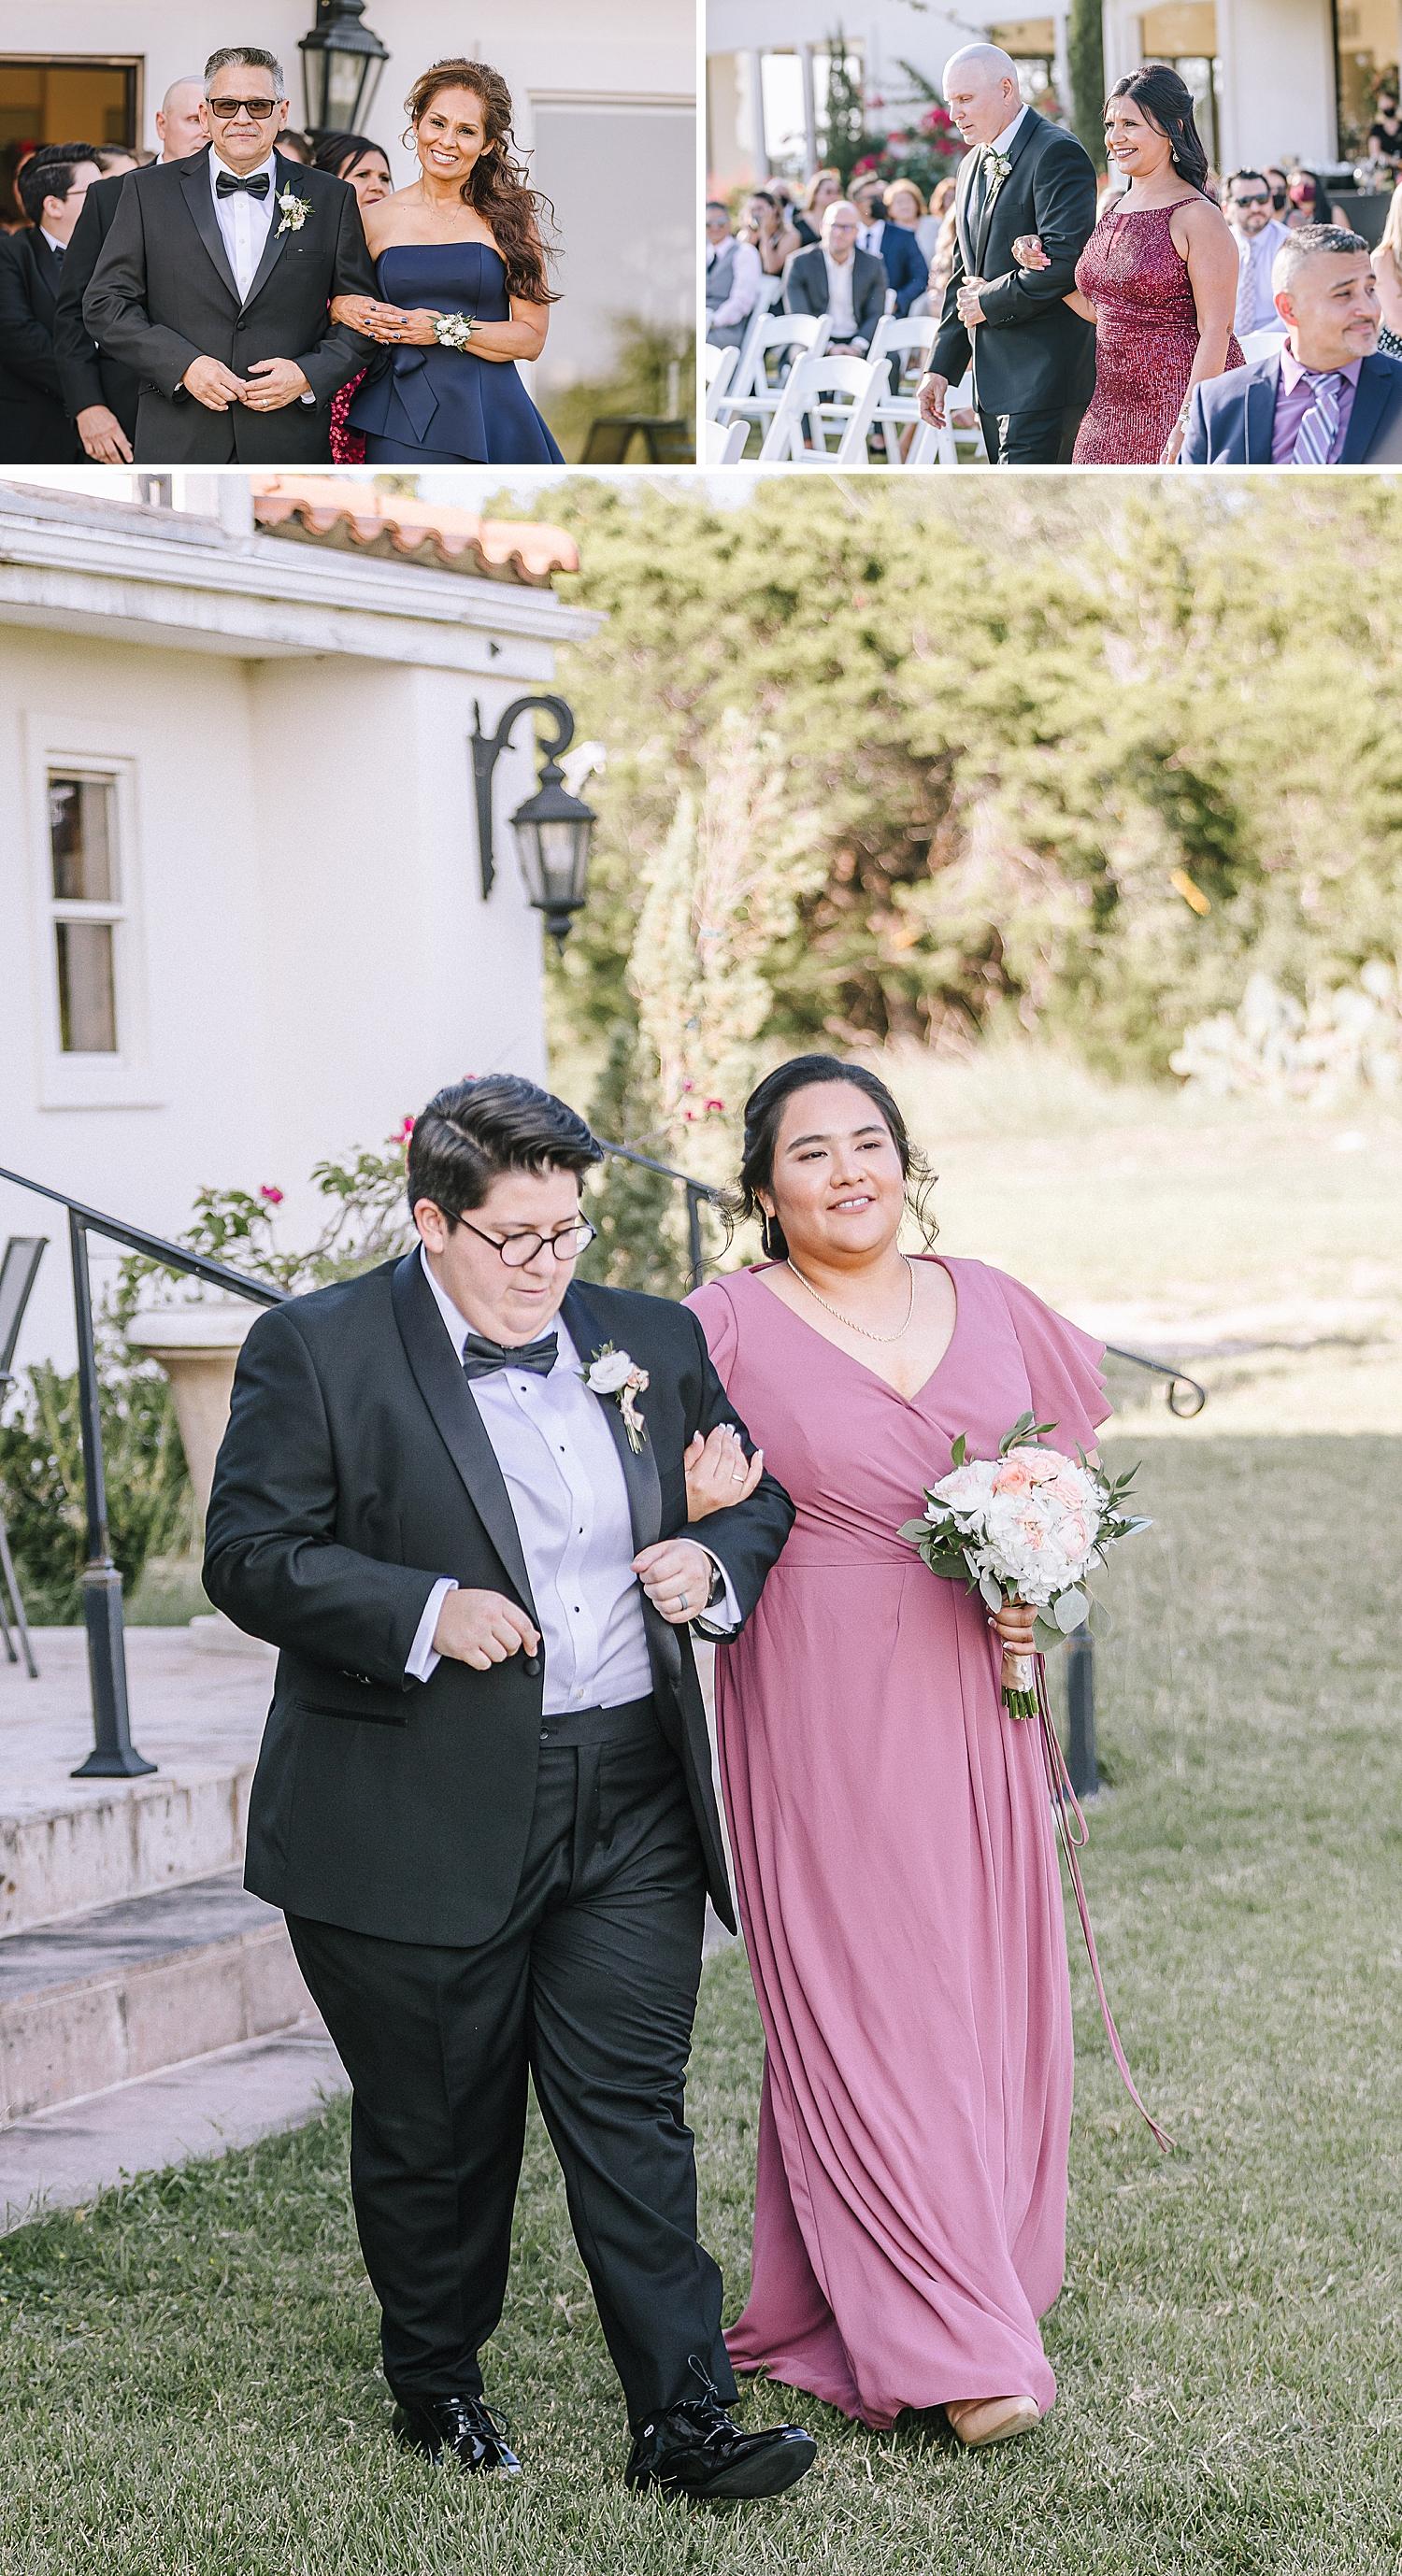 Carly-Barton-Photography-The-Villa-at-Cielo-Vista-Blush-Gold-White-Wedding-Photos_0079.jpg